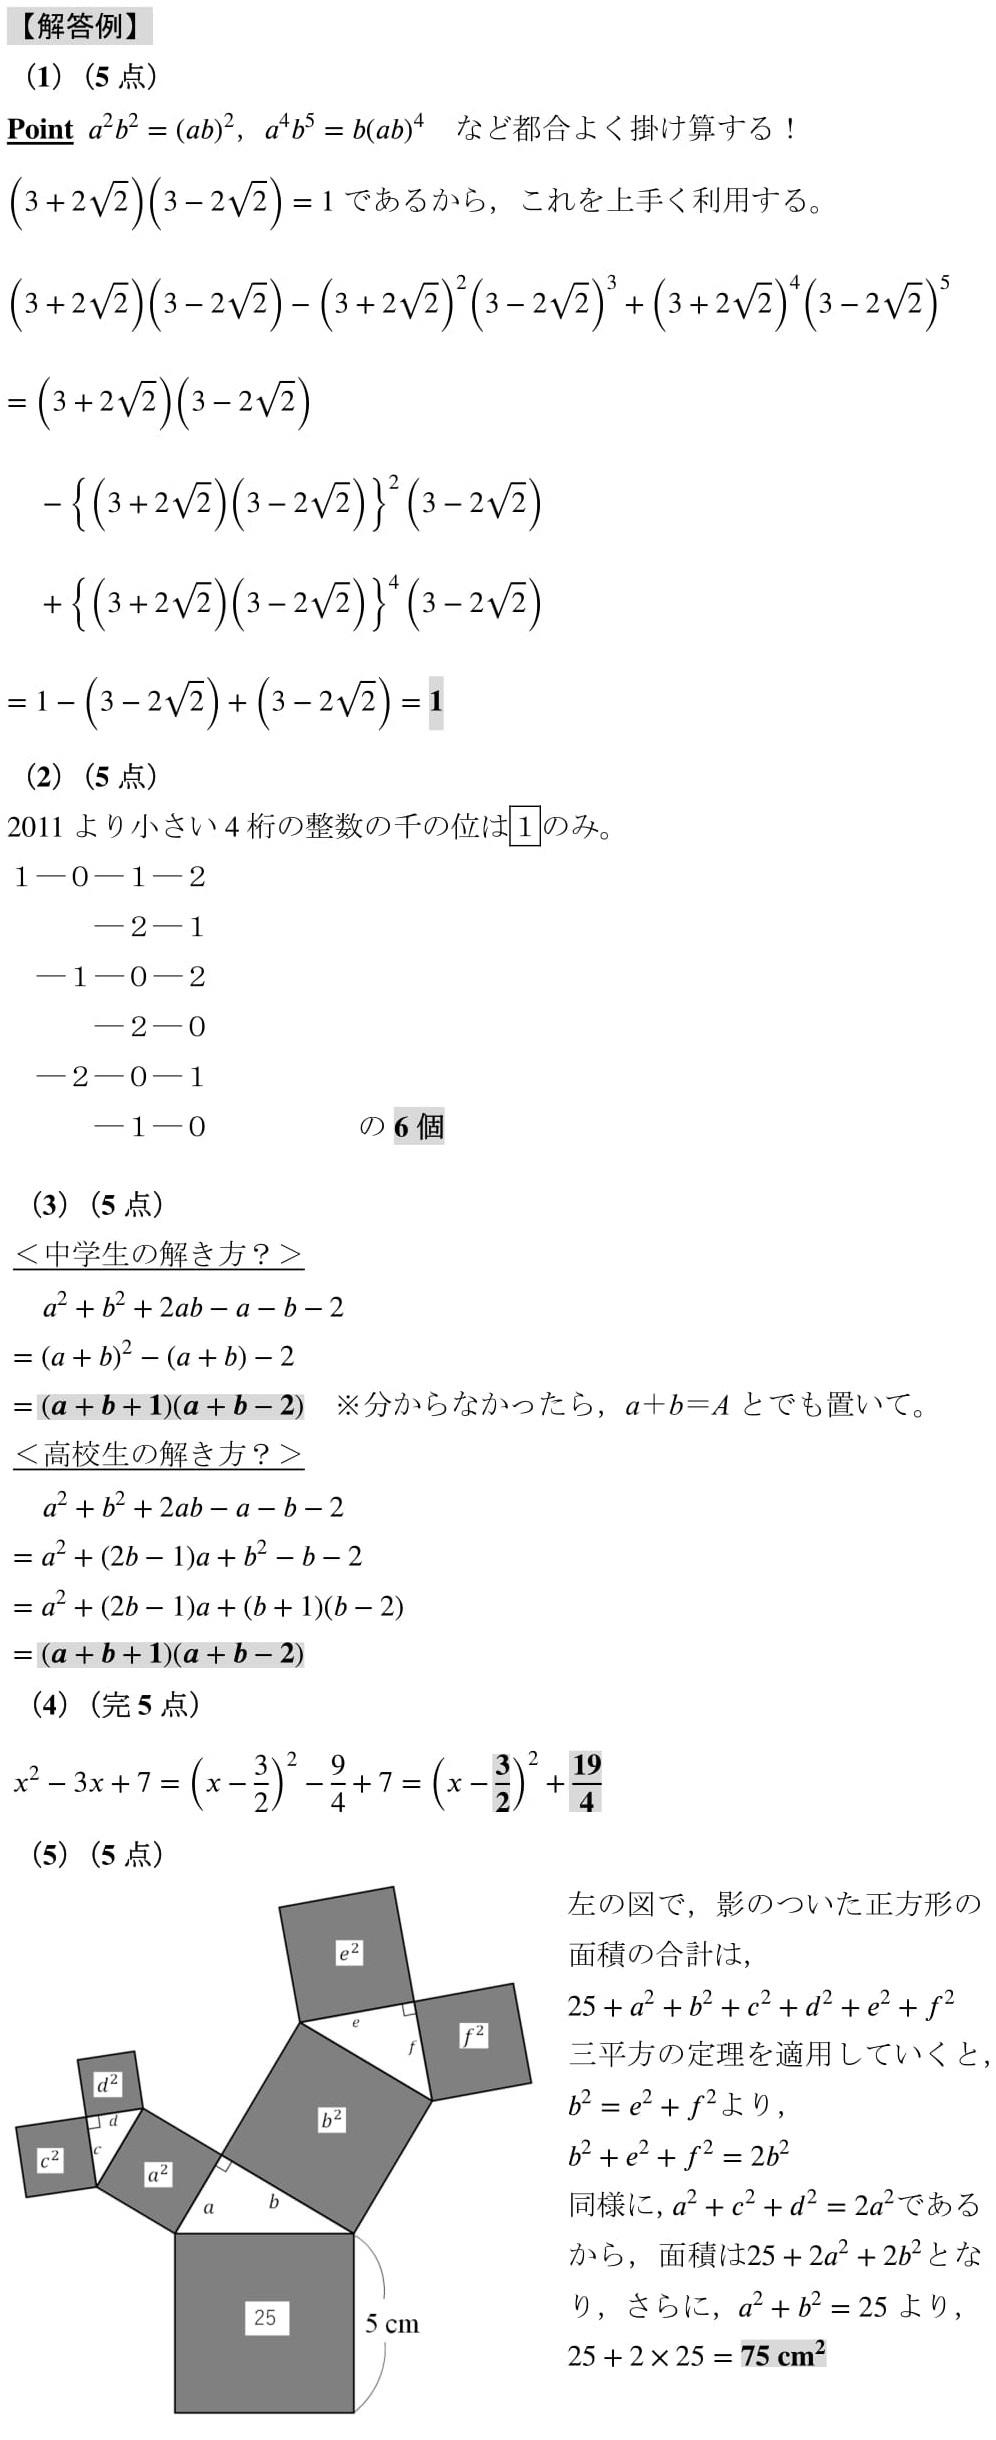 市川高校 過去問 数学 解答 解説 2011 計算 難問 良問